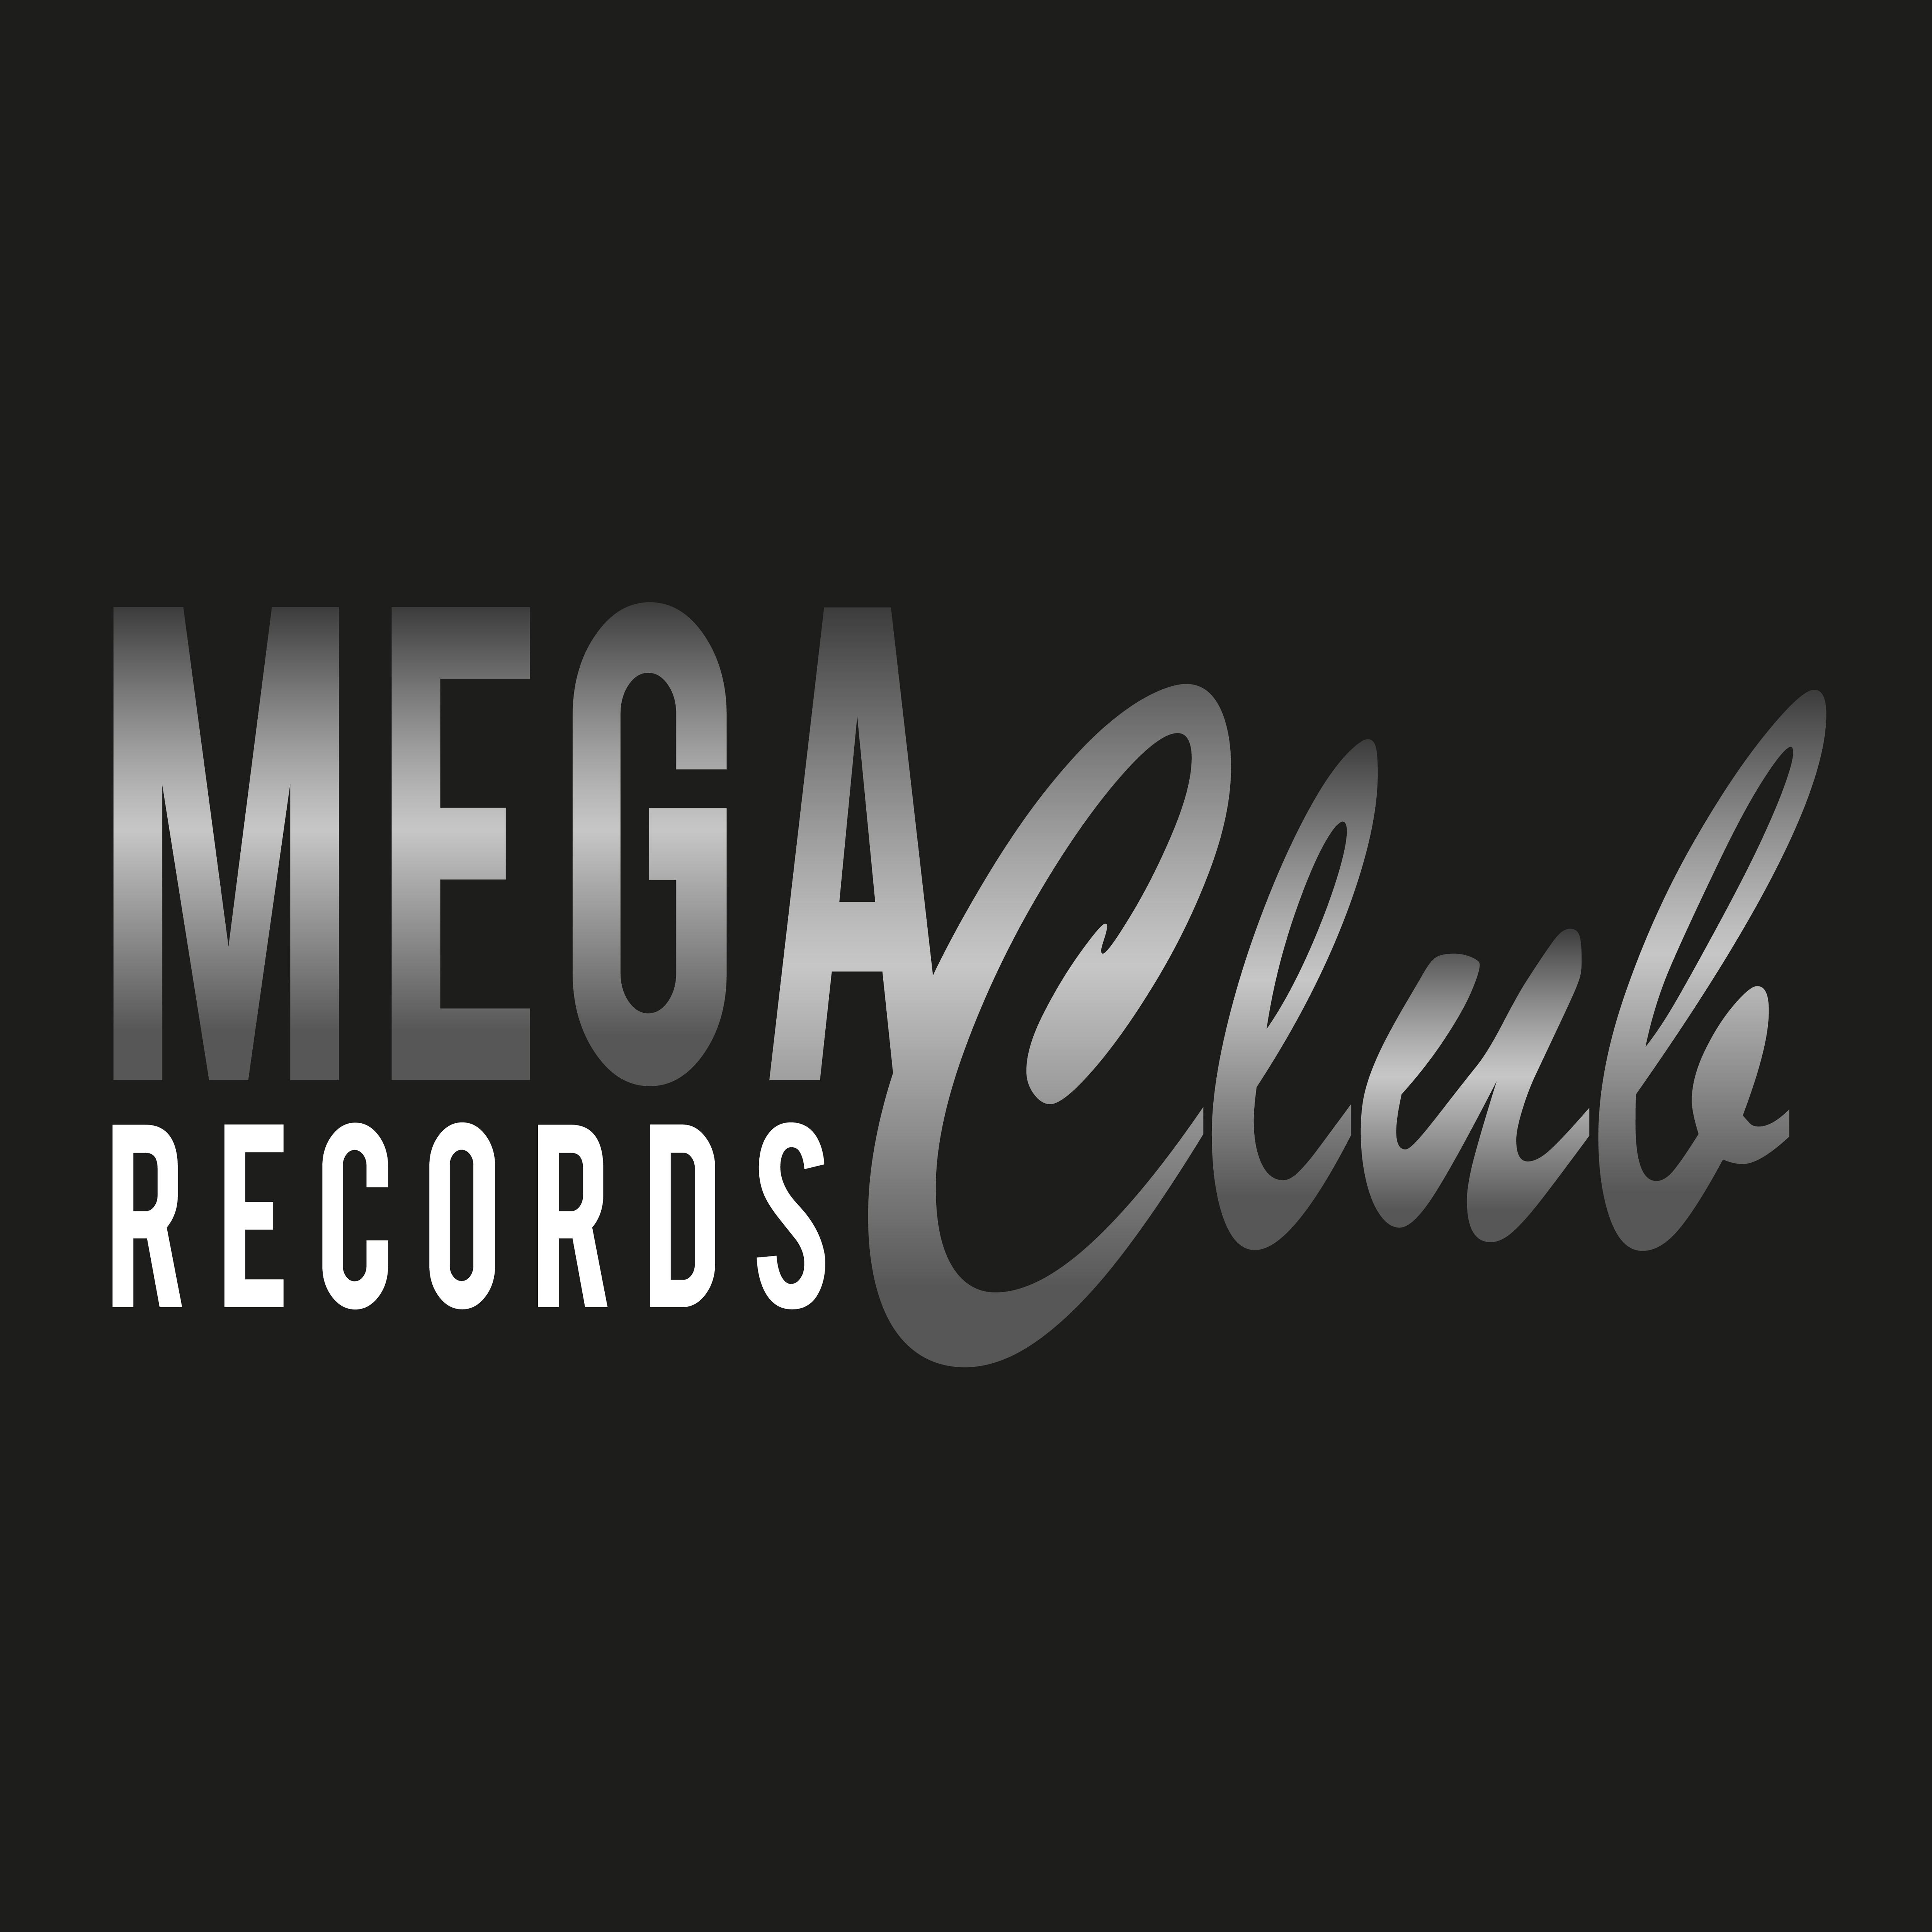 Megaclub Records